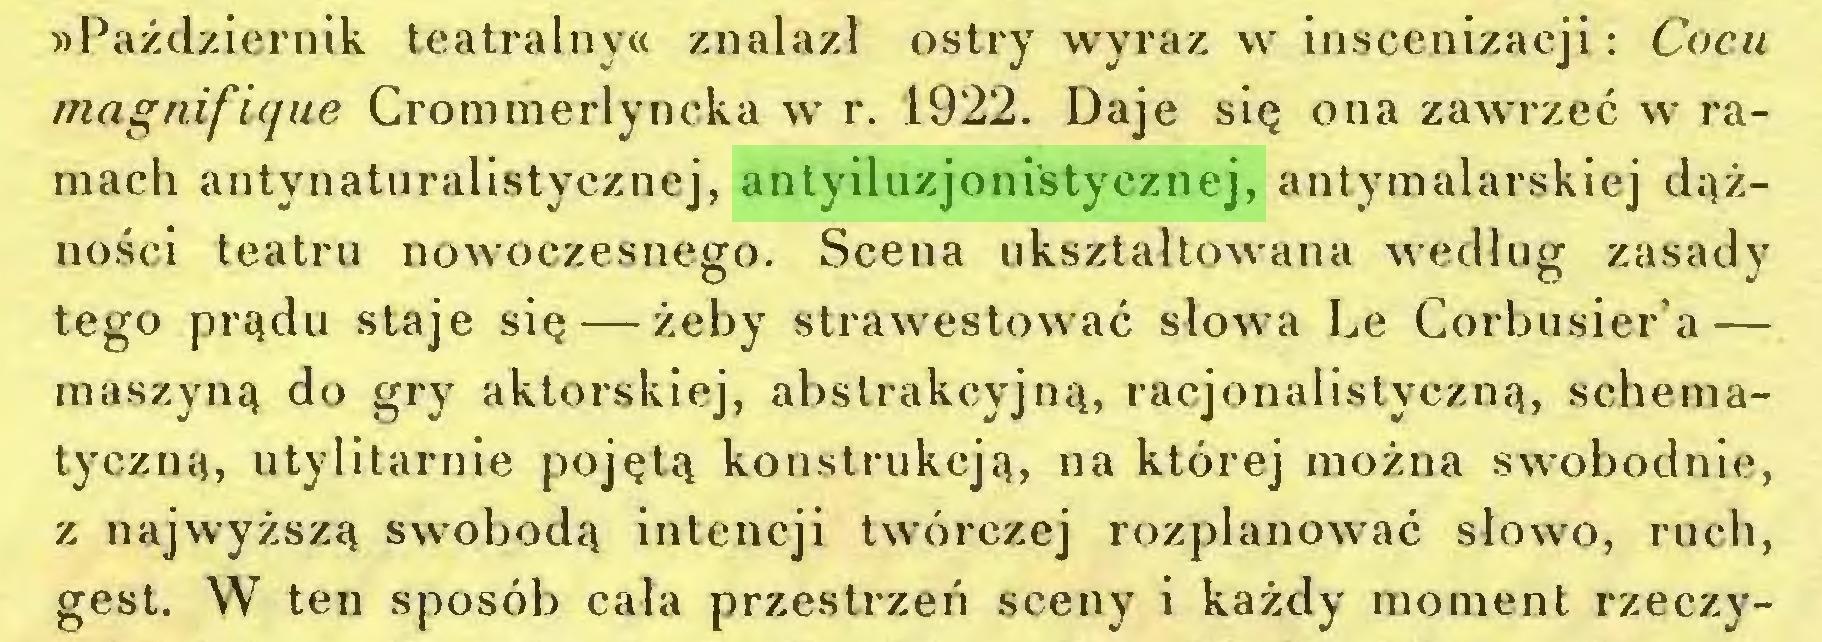 (...) »Październik teatralny« znalazł ostry wyraz w inscenizacji: Cocu magnifique Crommerlyncka w r. 1922. Daje się ona zawrzeć w ramach antynaturalistycznej, antyiluzjonistycznej, antymalarskiej dążności teatru nowoczesnego. Scena ukształtowana według zasady tego prądu staje się — żeby strawestować słowa Le Corbusier a — maszyną do gry aktorskiej, abstrakcyjną, racjonalistyczną, schematyczną, utylitarnie pojętą konstrukcją, na której można swobodnie, z najwyższą swobodą intencji twórczej rozplanować słowo, ruch, gest. W ten sposób cala przestrzeń sceny i każdy moment rzeczy...